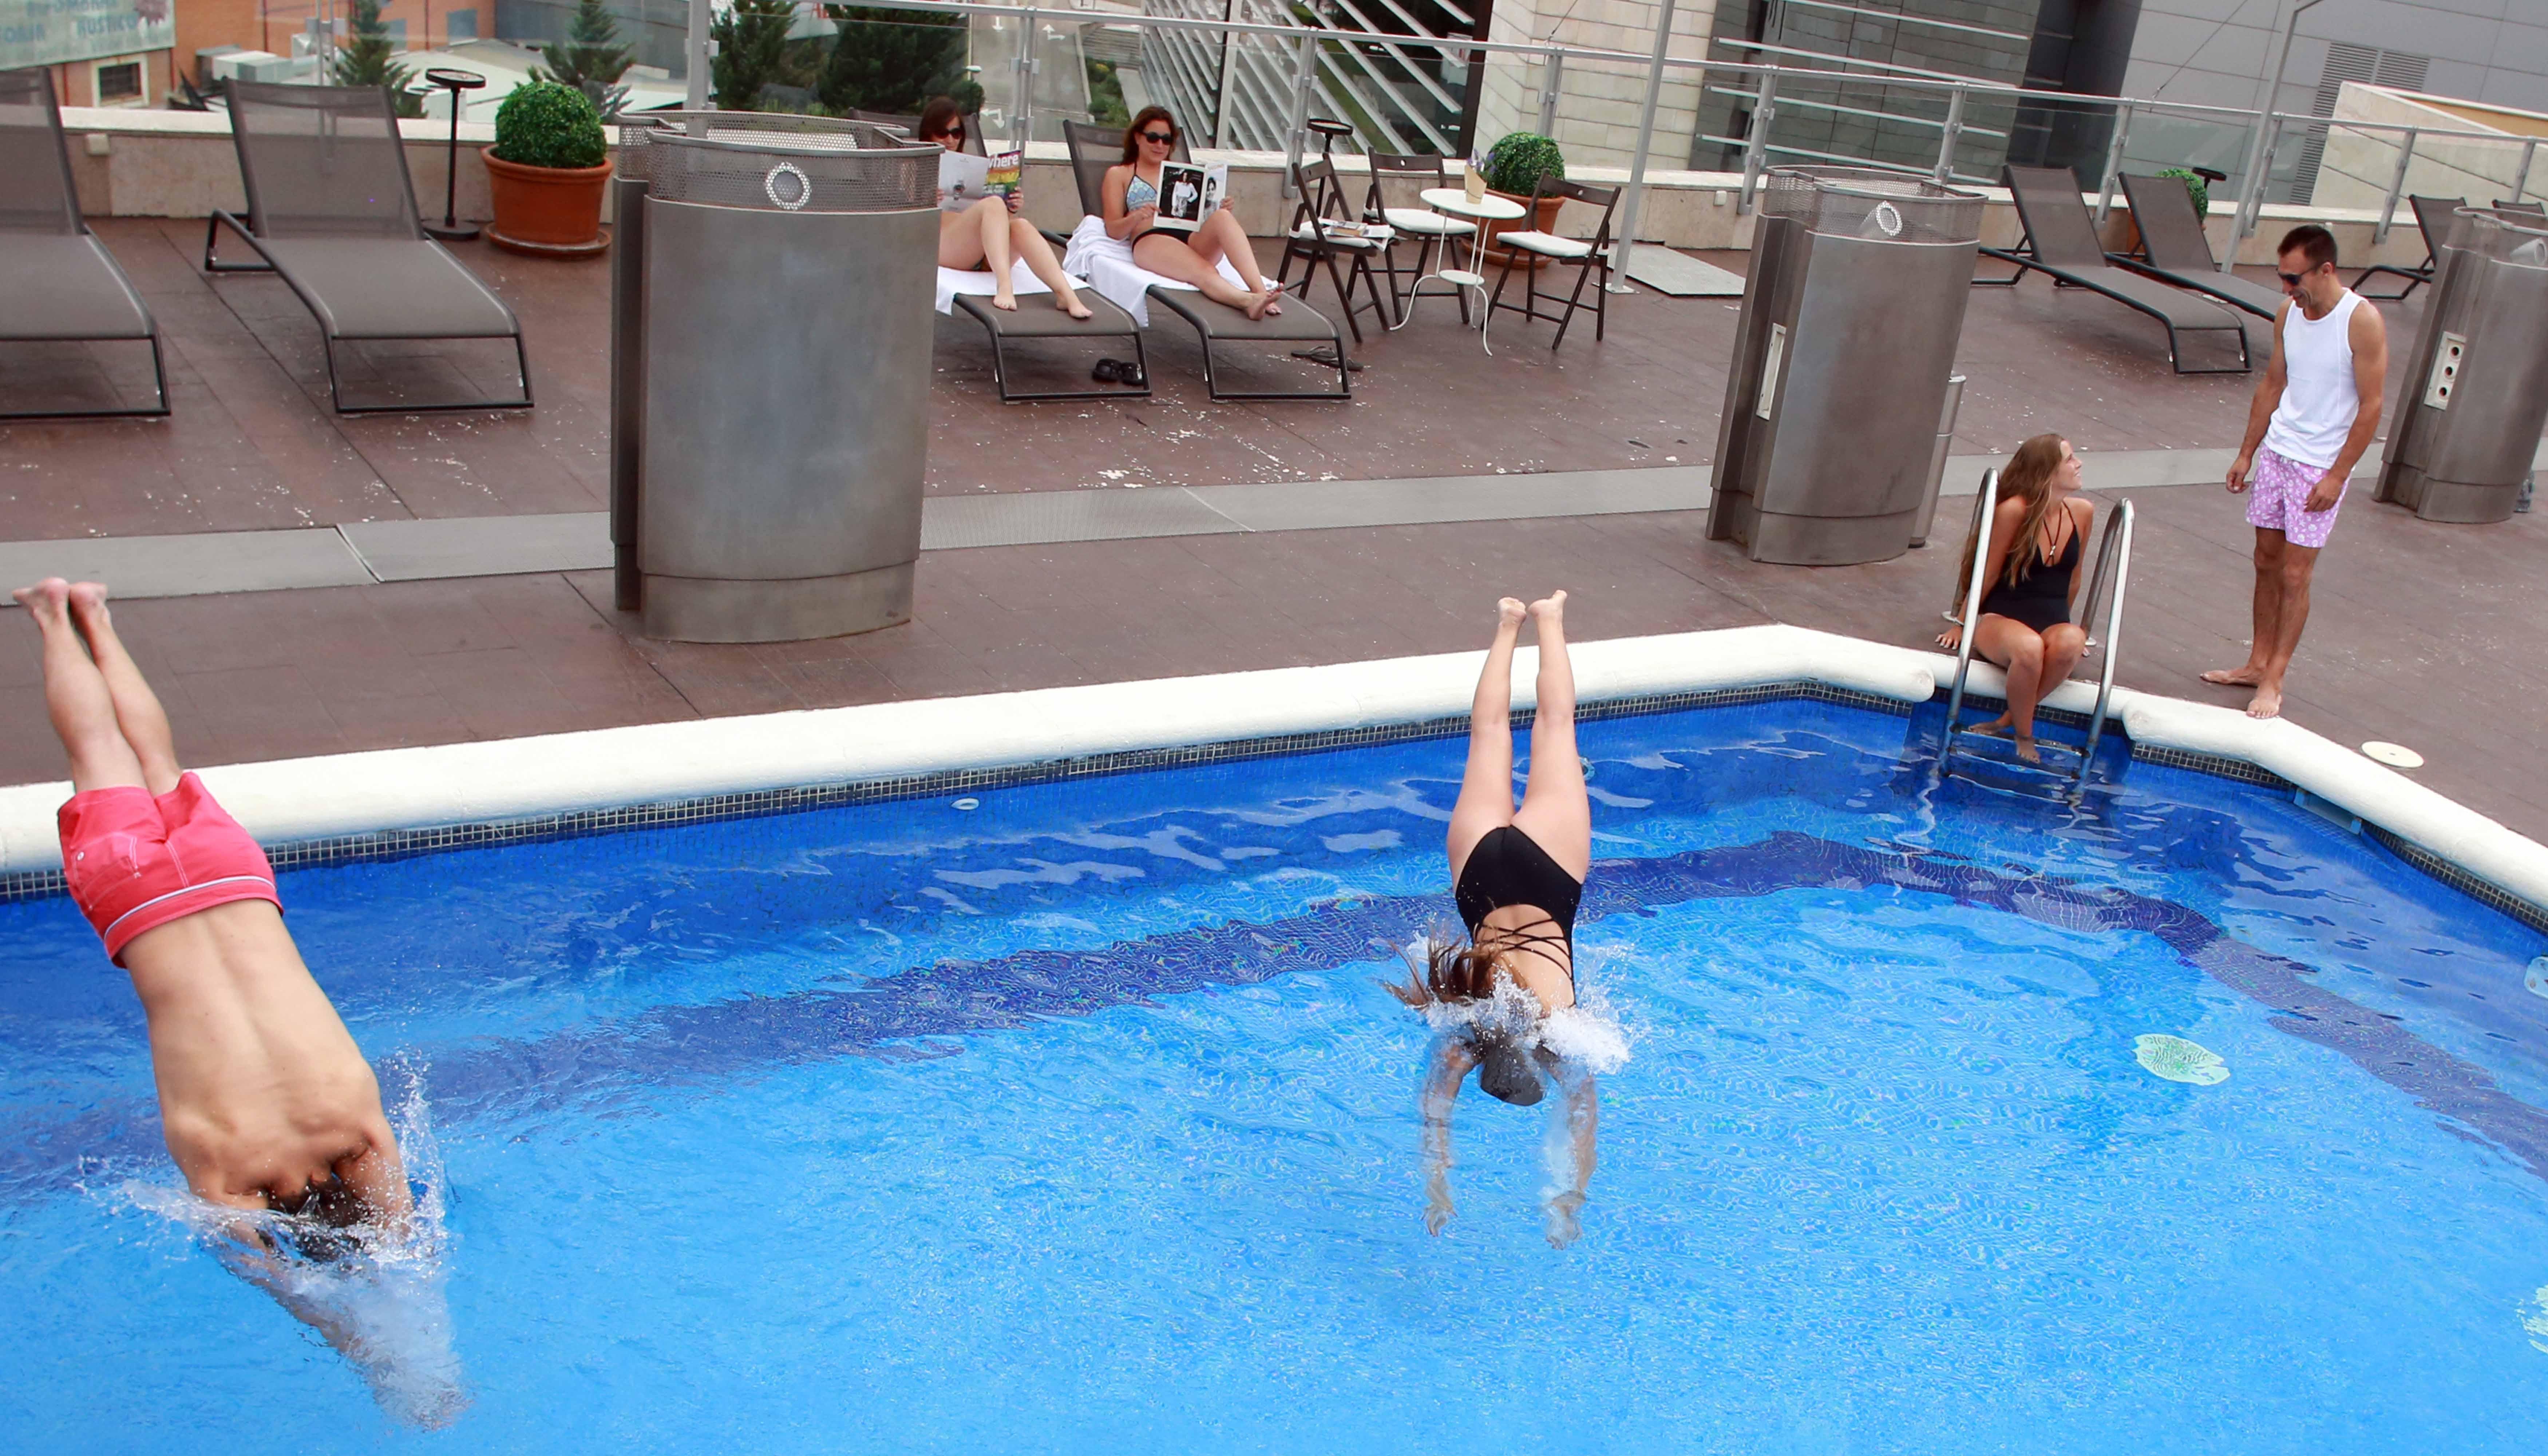 Amura alcobendas hotel en alcobendas viajes el corte ingl s for Piscina alcobendas